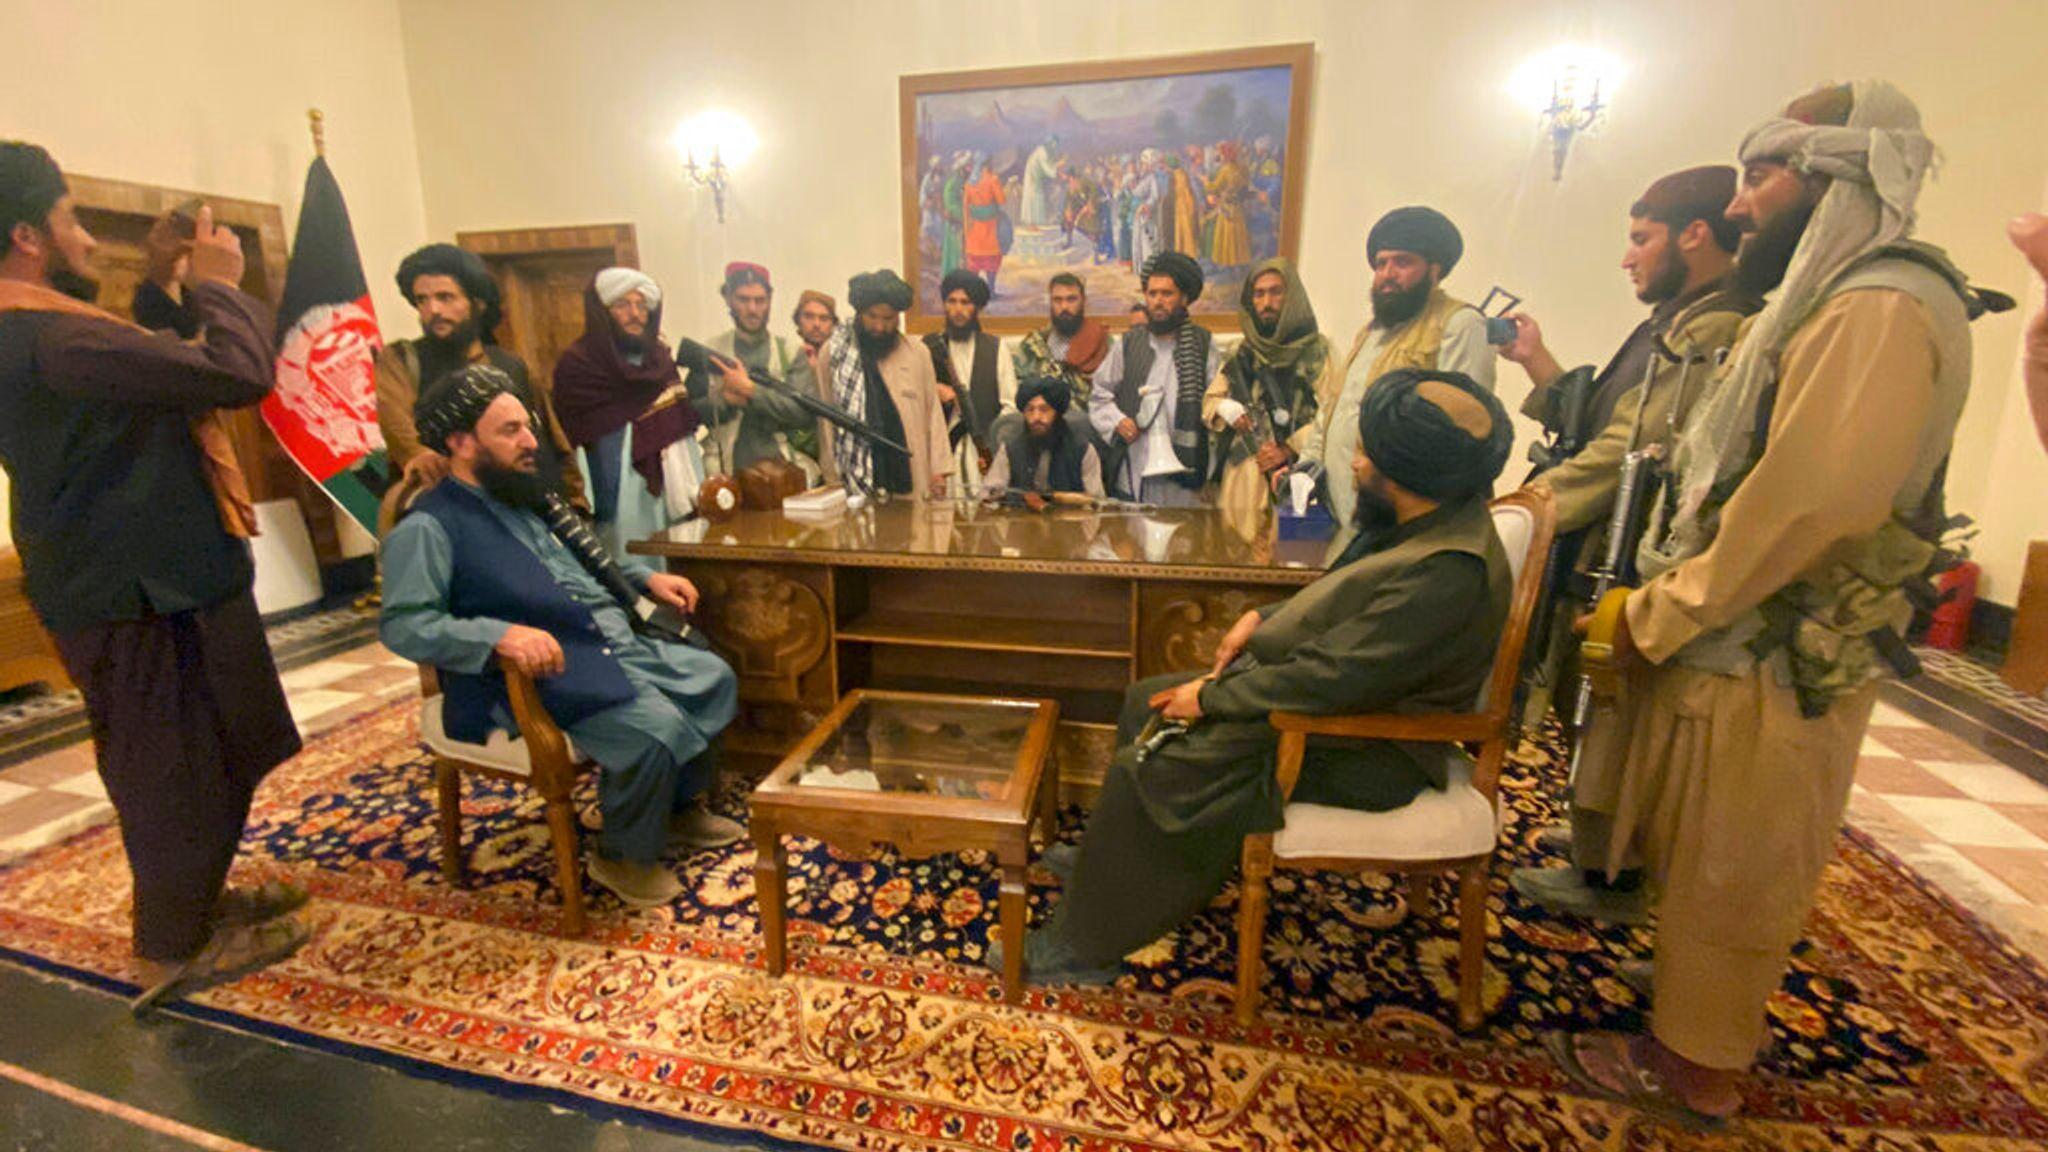 Το πρόβλημα δεν είναι οι Ταλιμπάν αλλά οι Αμερικάνοι…